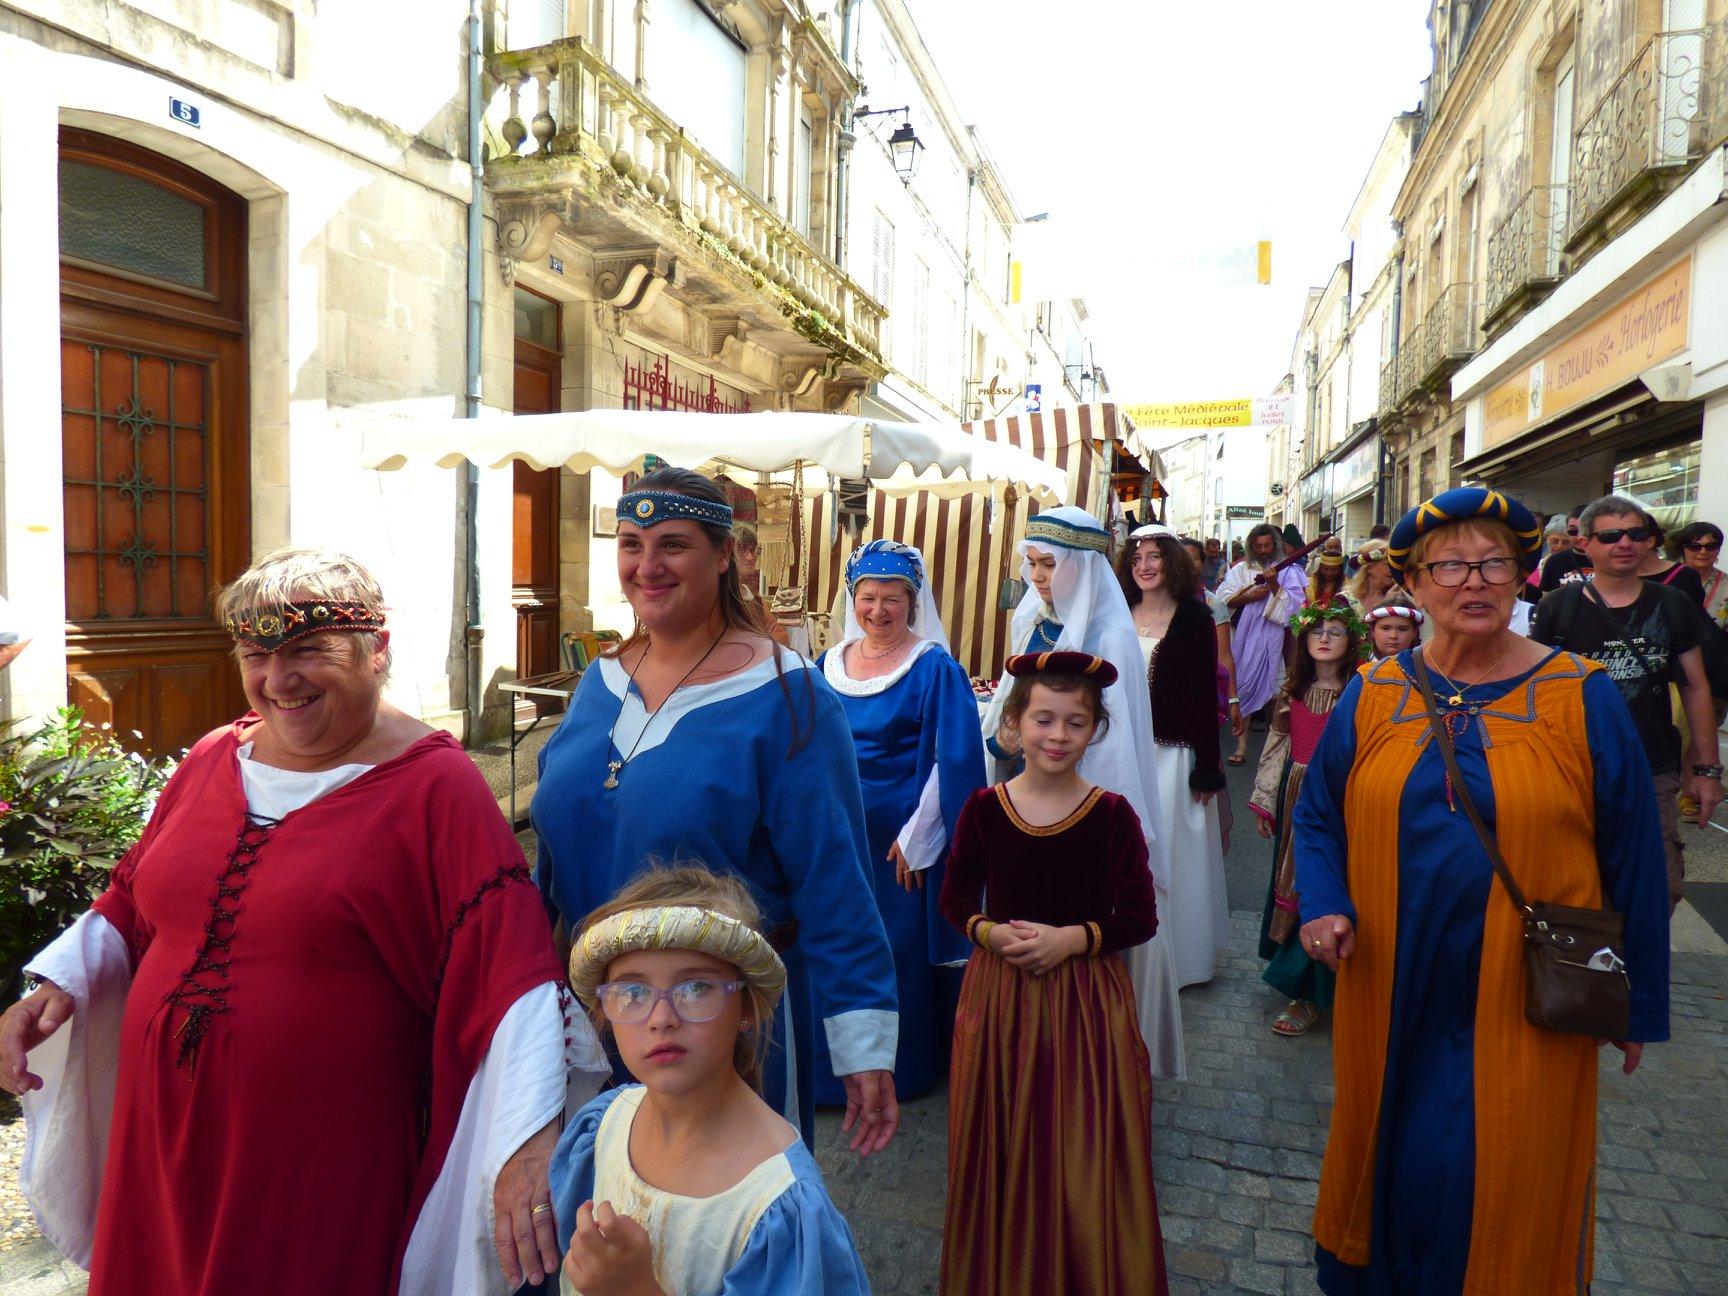 Fête médiévale Pons juillet 2018 - 24